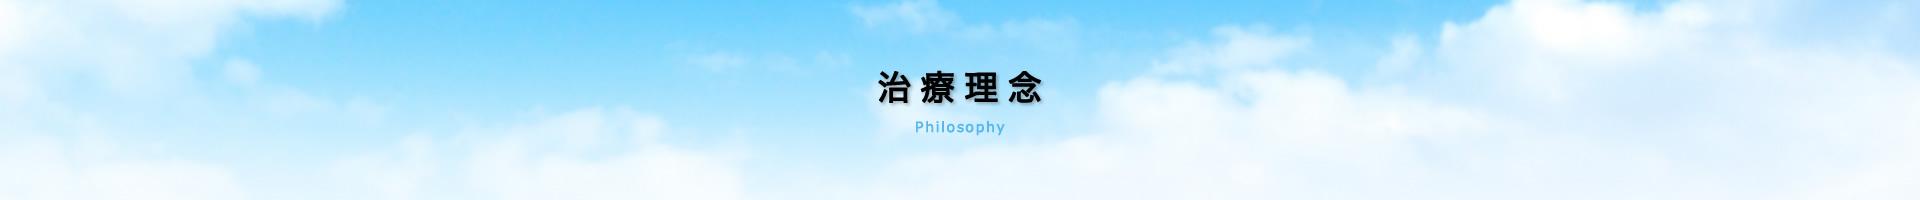 治療理念 Philosophy